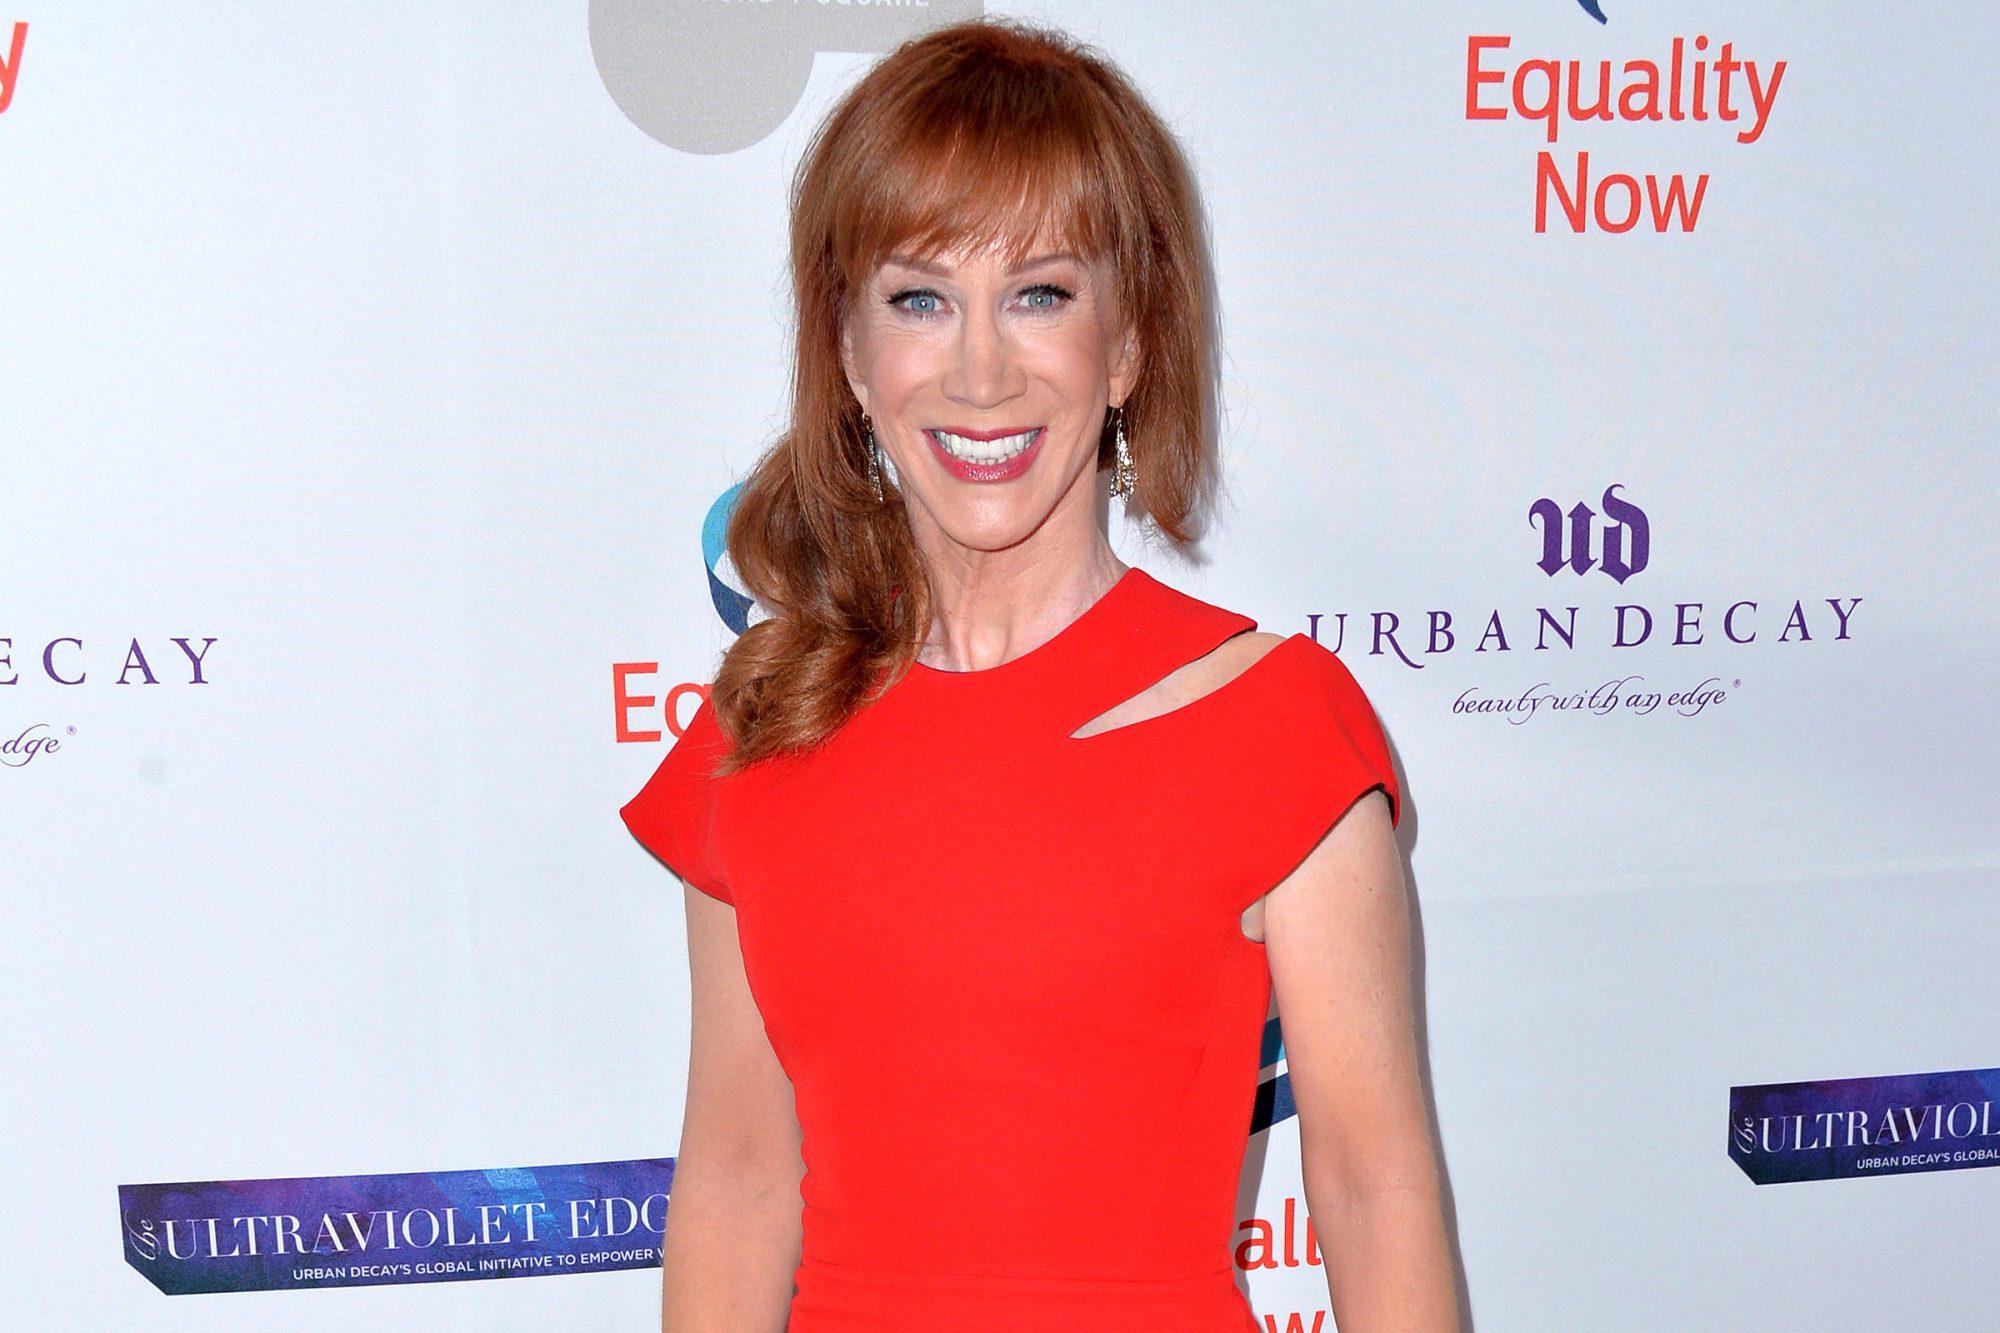 3rd Annual Make Equality Reality Gala - LA